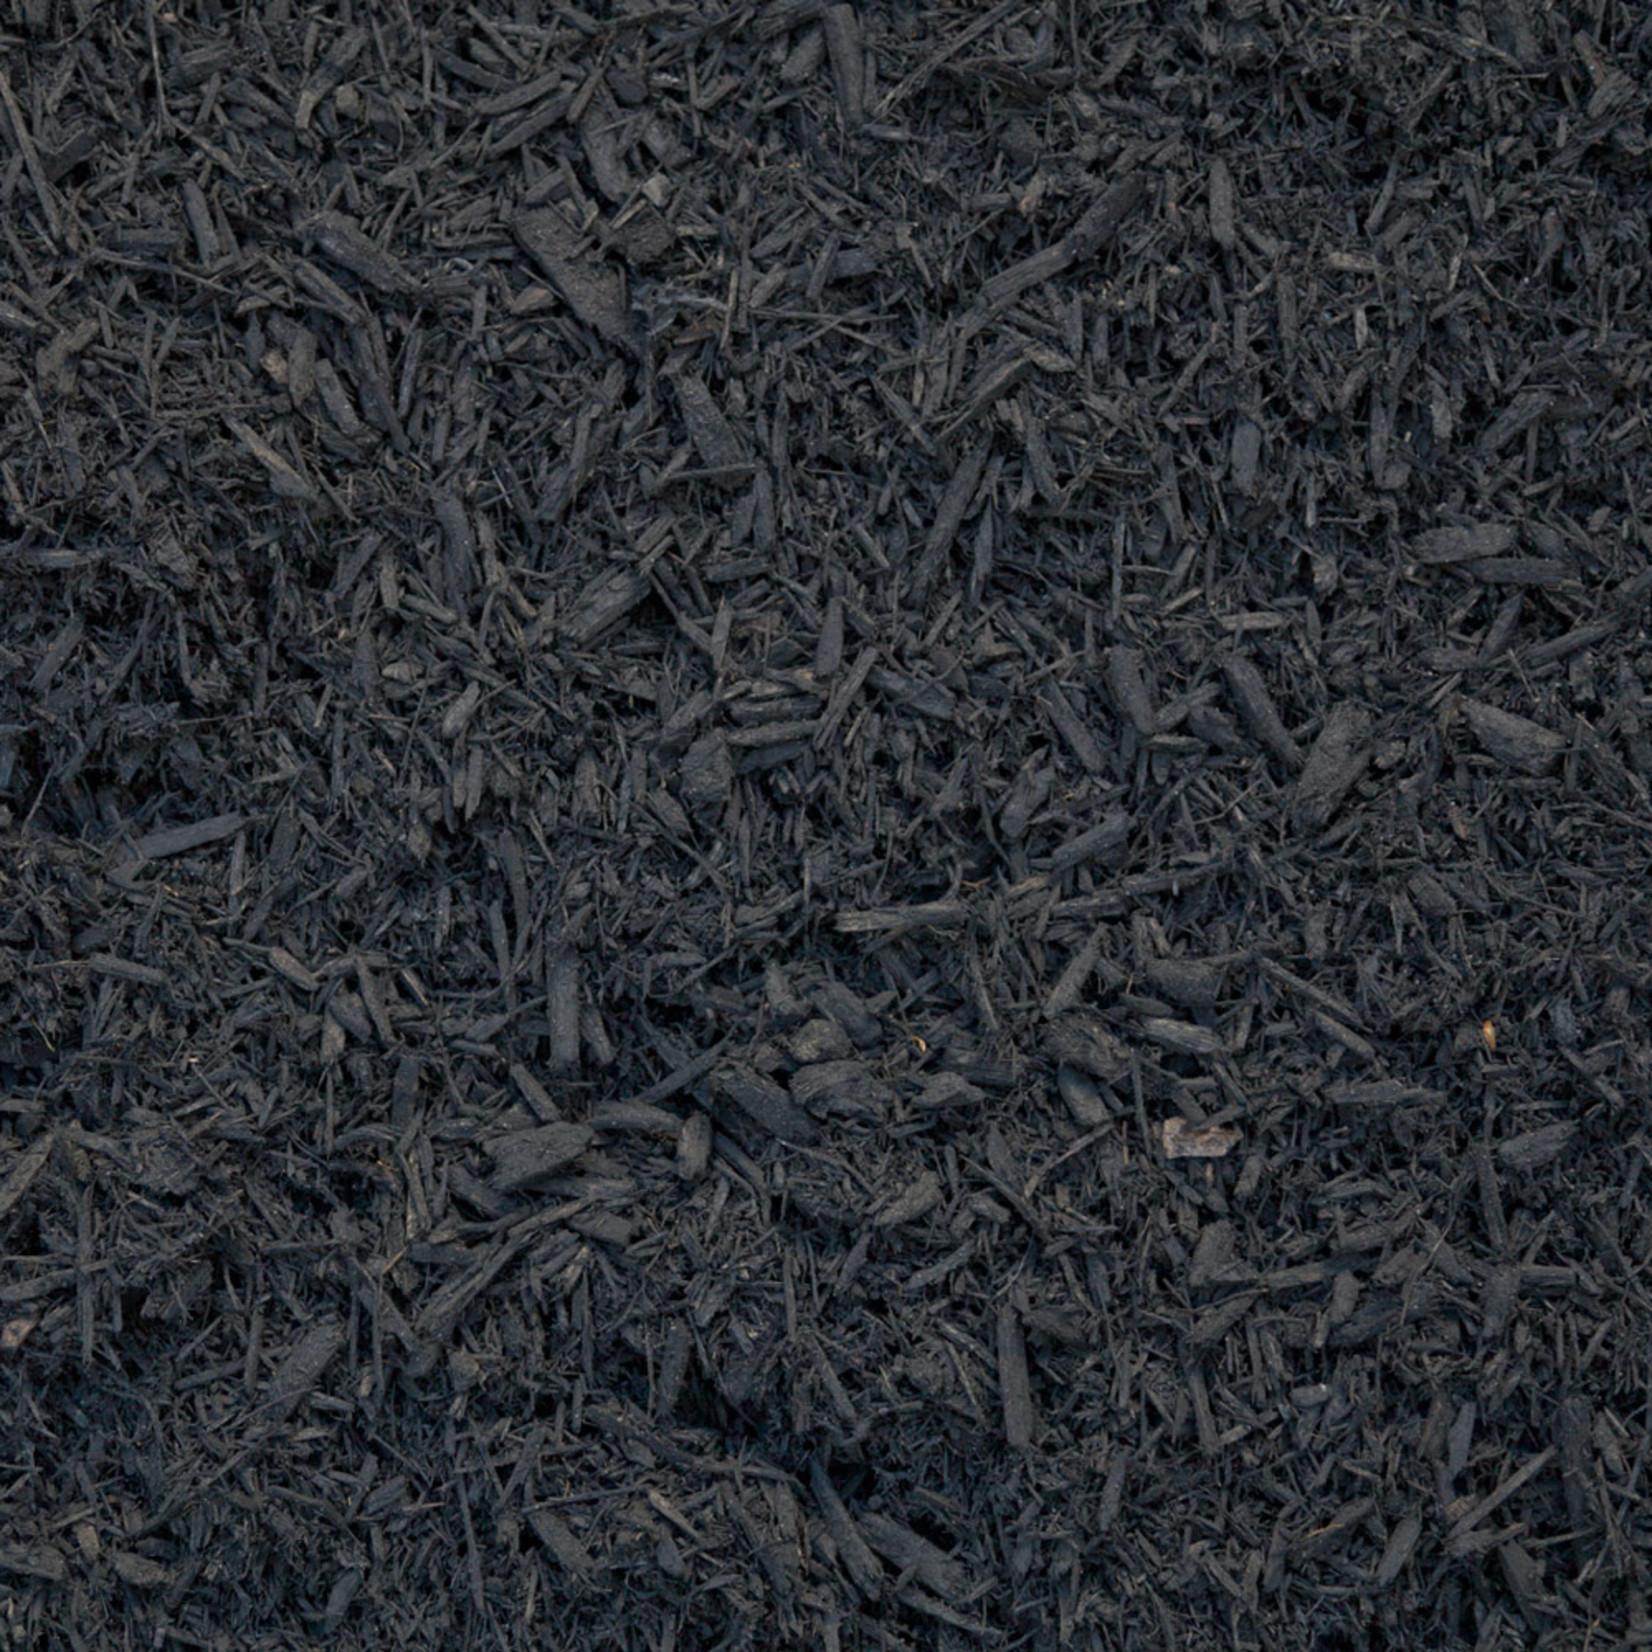 Maibec Black Cedar Mulch 3 cu.ft 85L